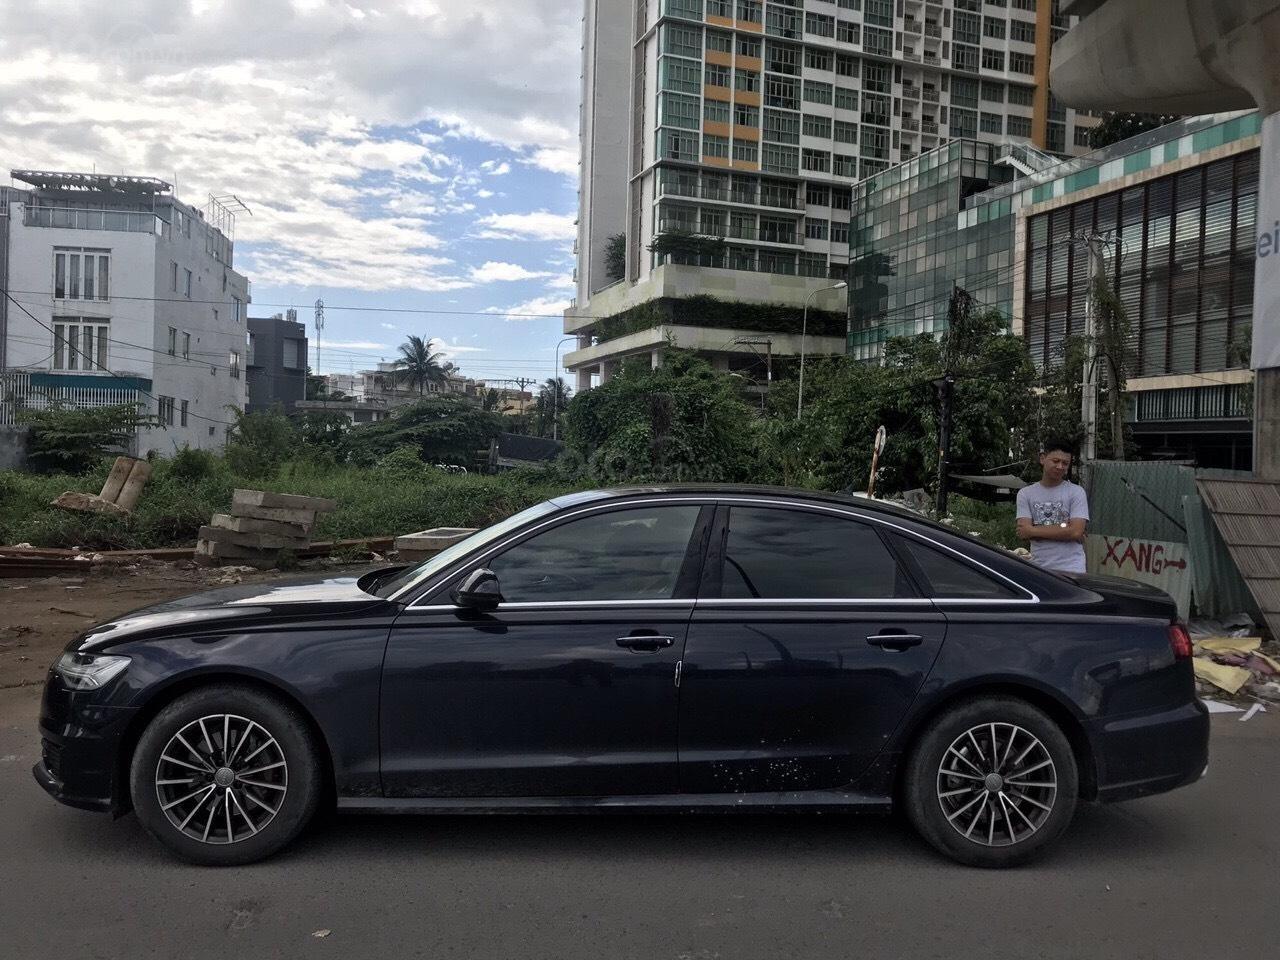 Bán Audi A6 2015 mẫu mới nhất, xe đẹp không lỗi, bao kiểm tra đâm đụng và ngập nước tại hãng-7